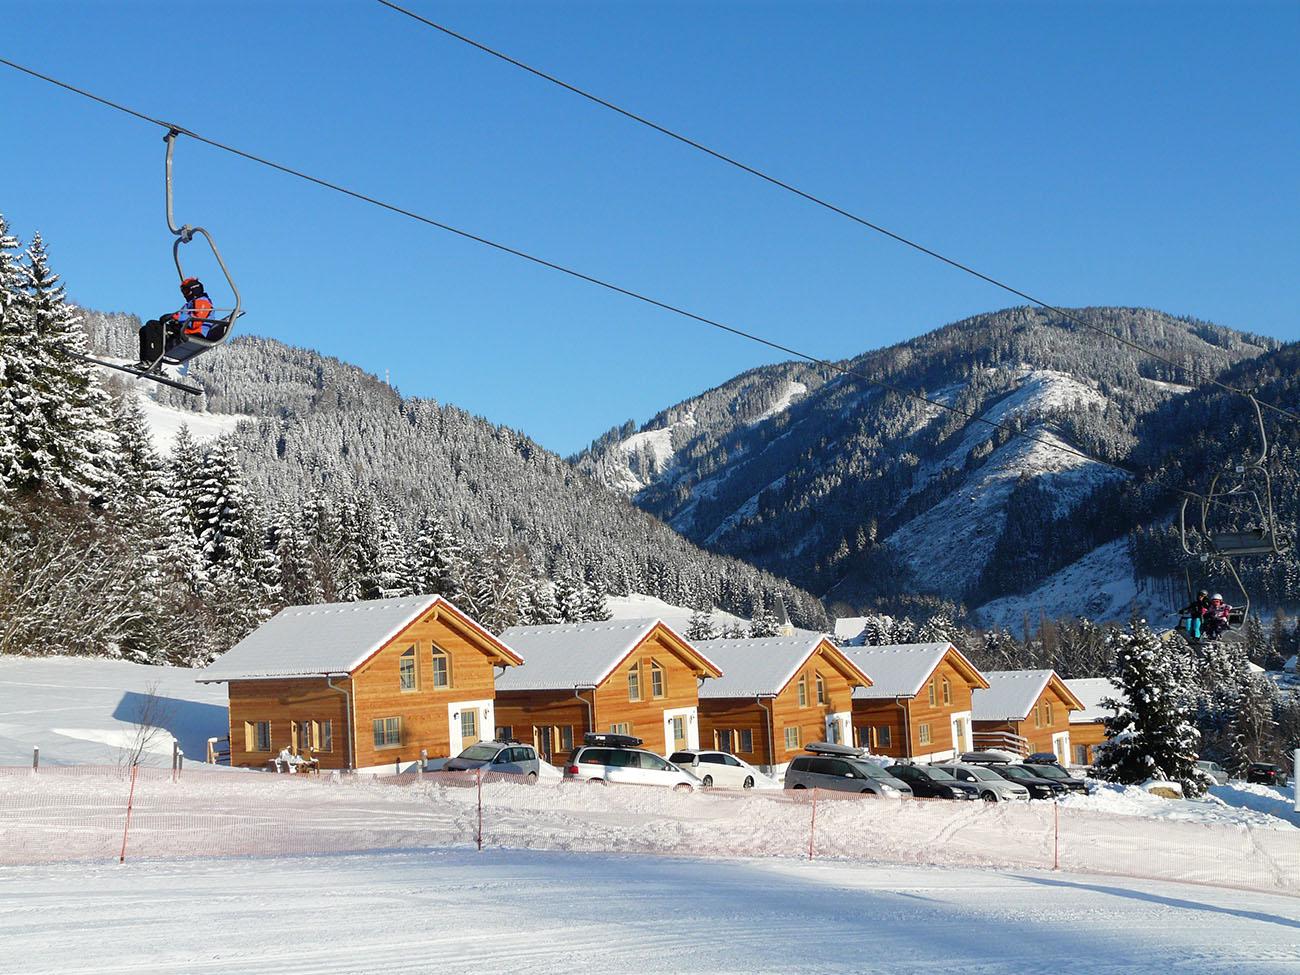 Winterurlaub Mit Ski Langlauf Und Winterwandern In Der Steiermark